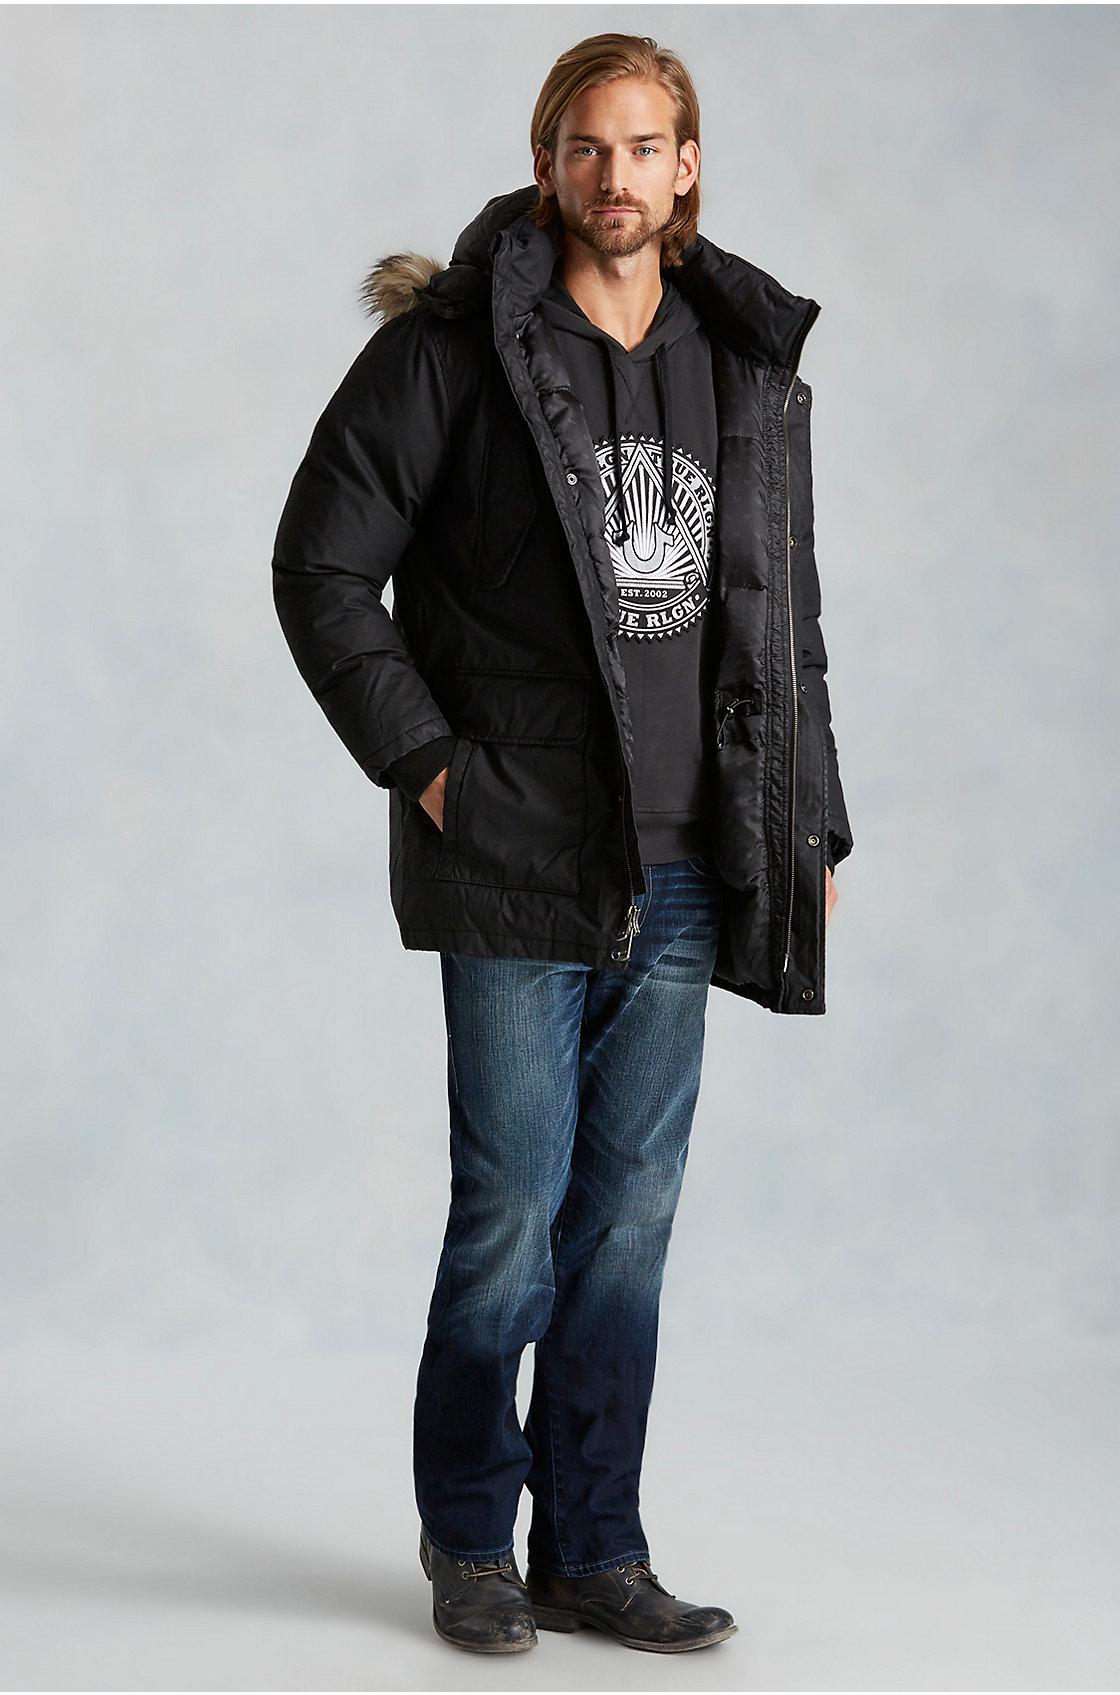 true religion parka mens jacket in black for men lyst. Black Bedroom Furniture Sets. Home Design Ideas